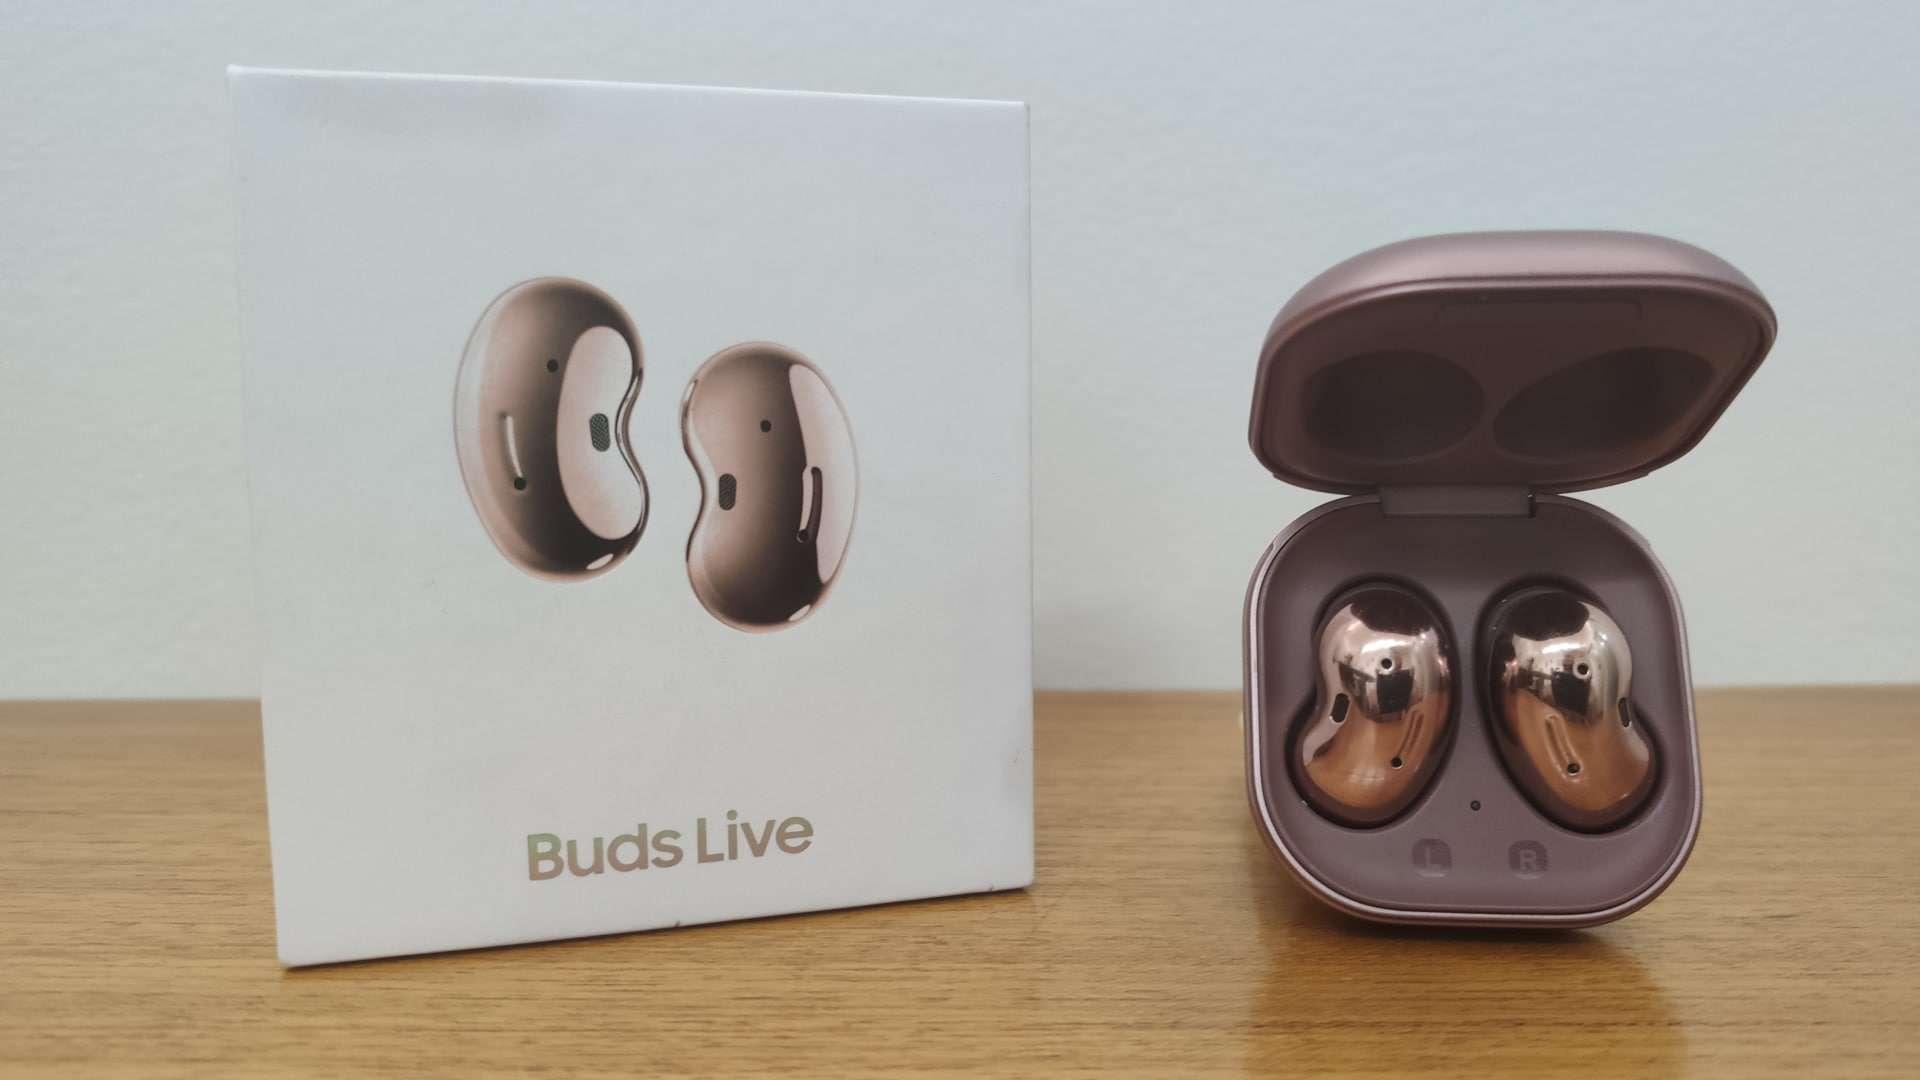 Galaxy Buds Live: Fone da Samsung mostra qualidade - Olhar Digital